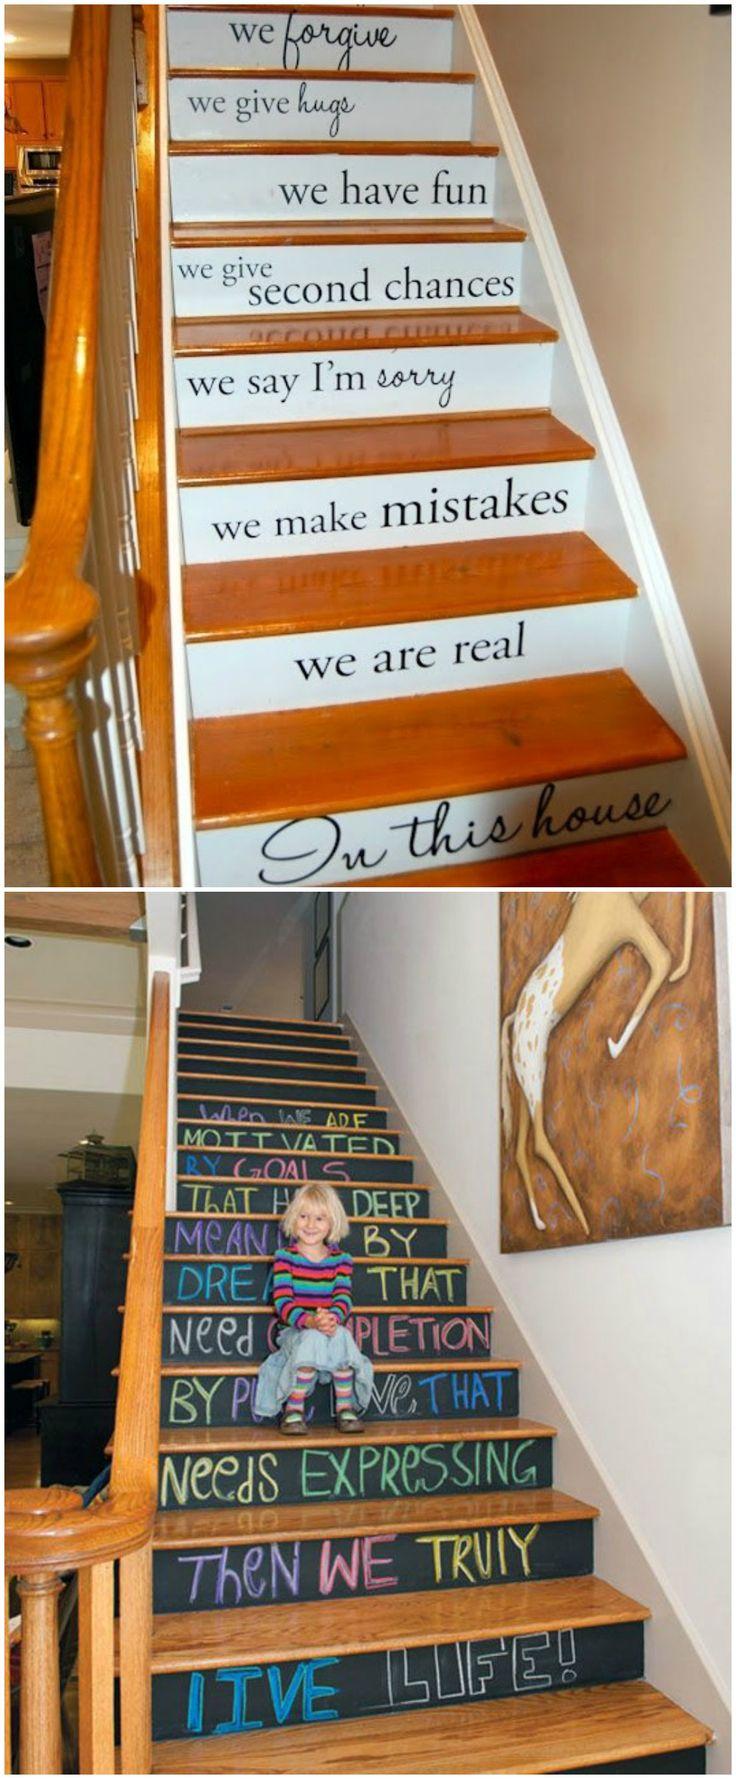 M s de 25 ideas incre bles sobre pintar escaleras en - Pintura para escaleras ...